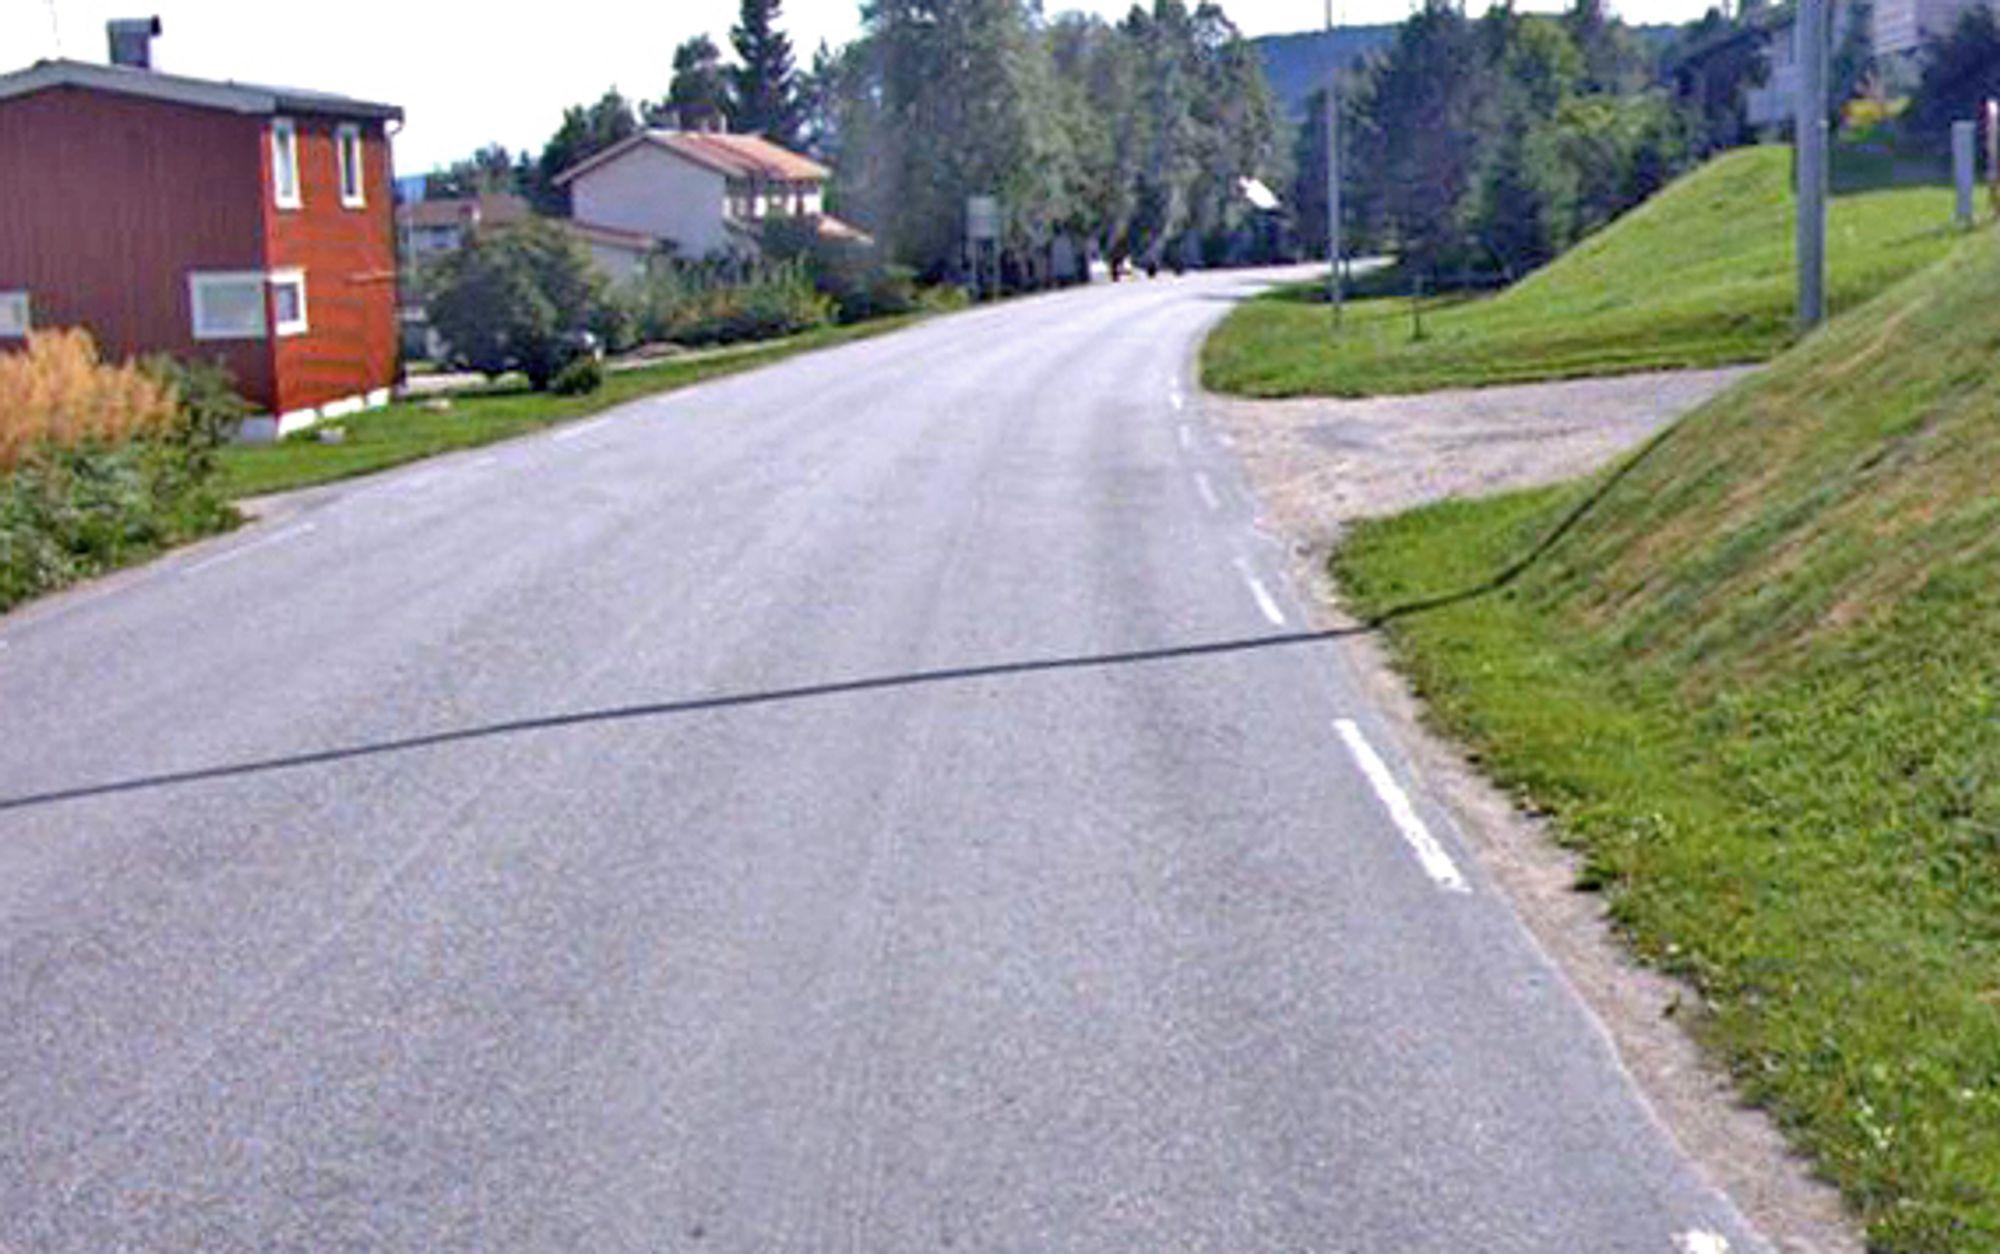 Randbebyggelsen ligger tett langs fylkesveg 720 gjennom Malm, men gående og syklende har ingen steder å gjøre av seg foreløpig. Gang/sykkelvegen kommer til høyre på bildet.